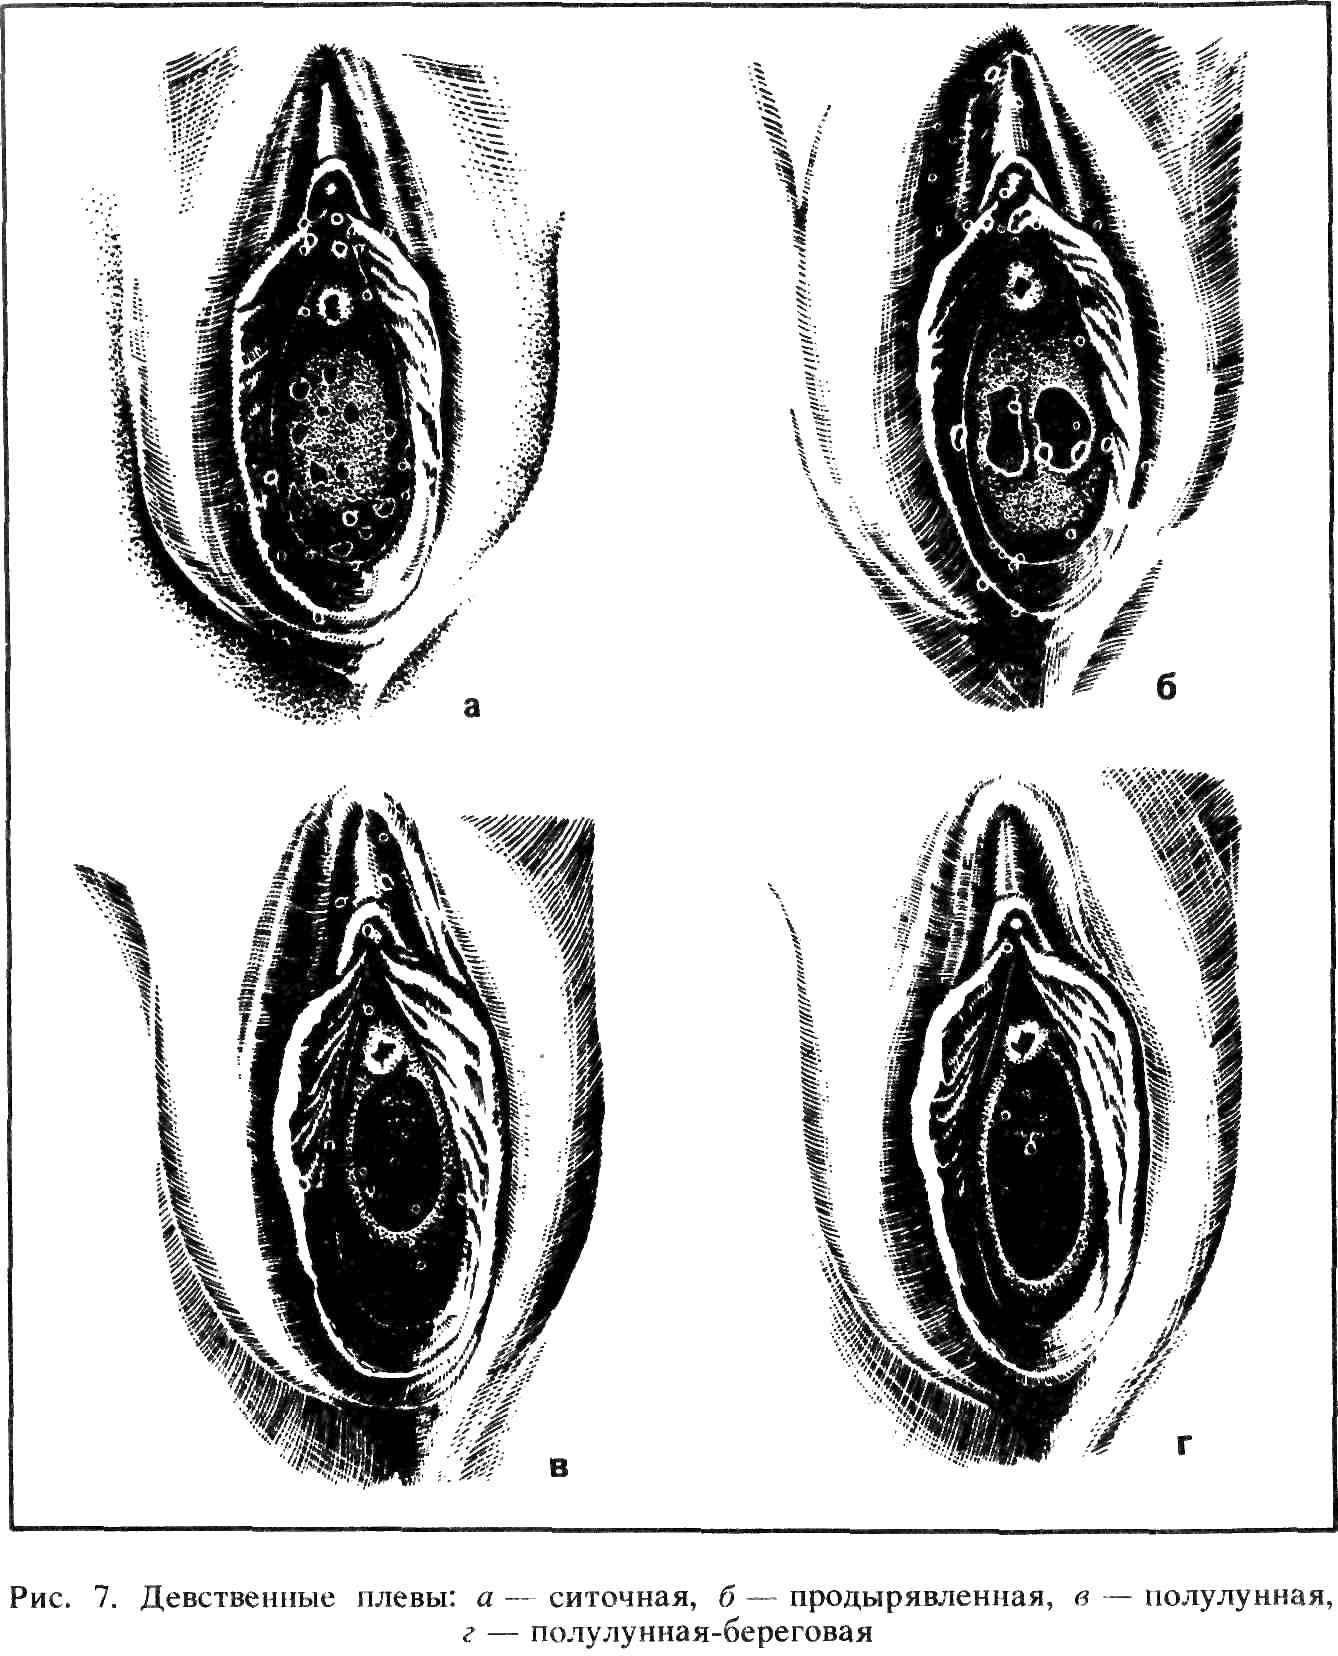 Признаки определяющие глубину влагалища у женщин 6 фотография